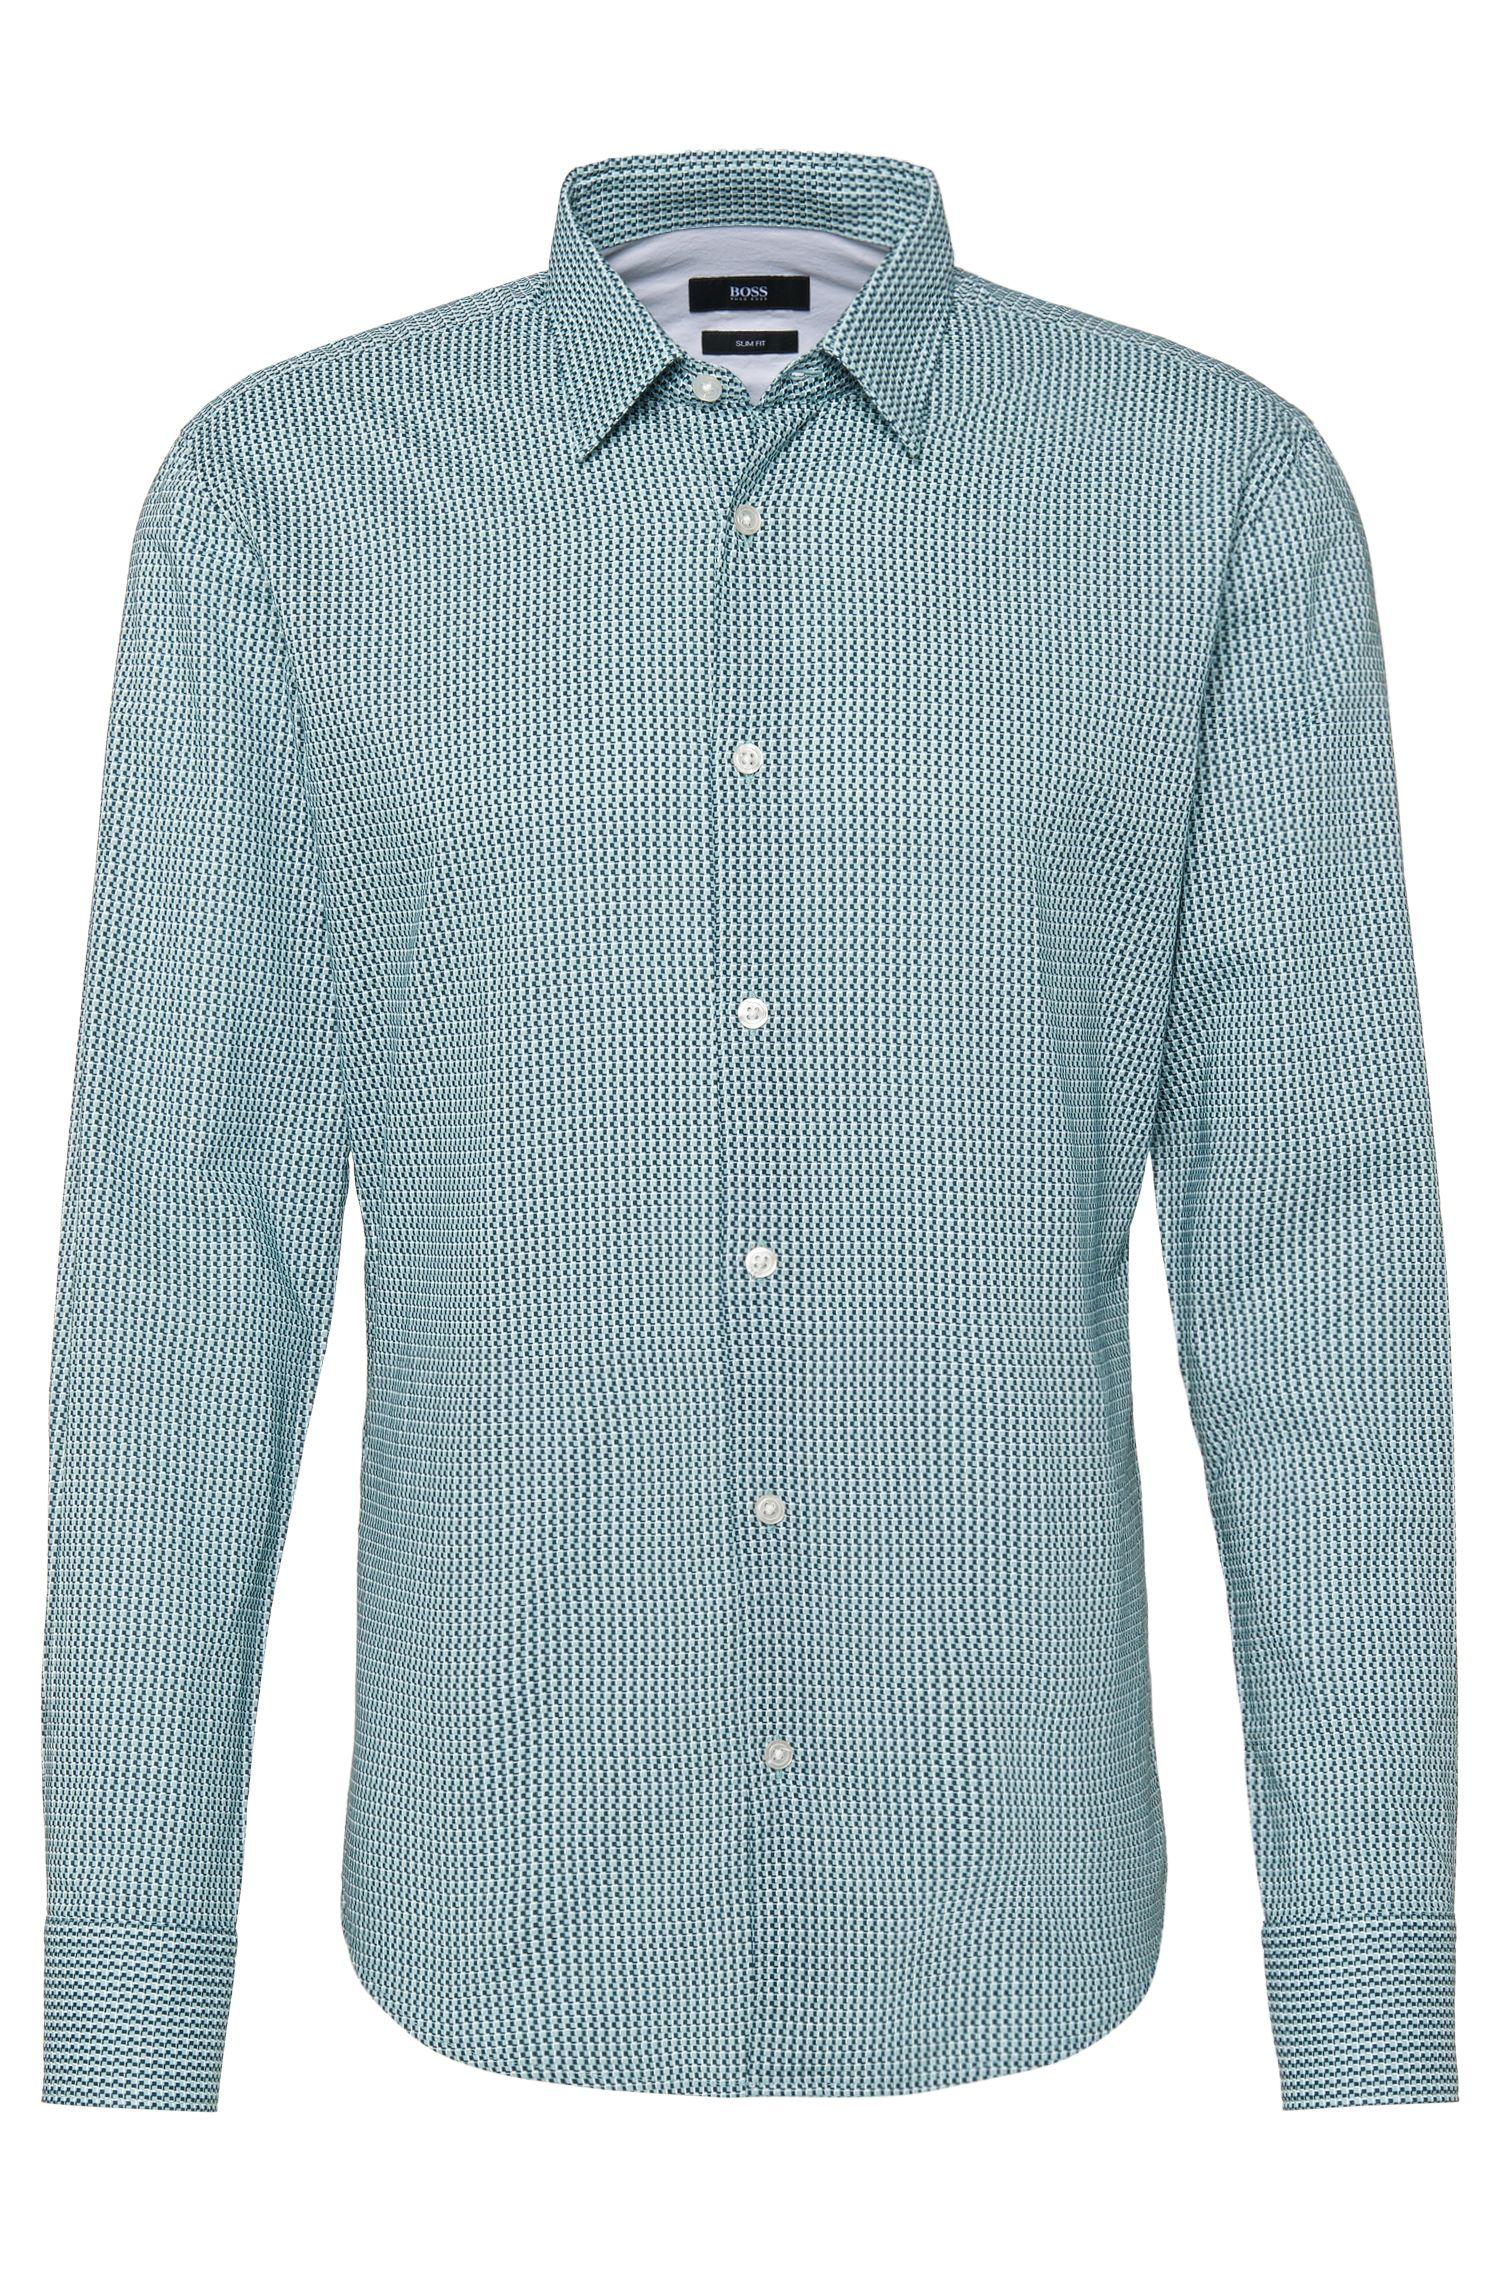 Gemustertes Slim-Fit Hemd aus Baumwolle: 'Reid_27'